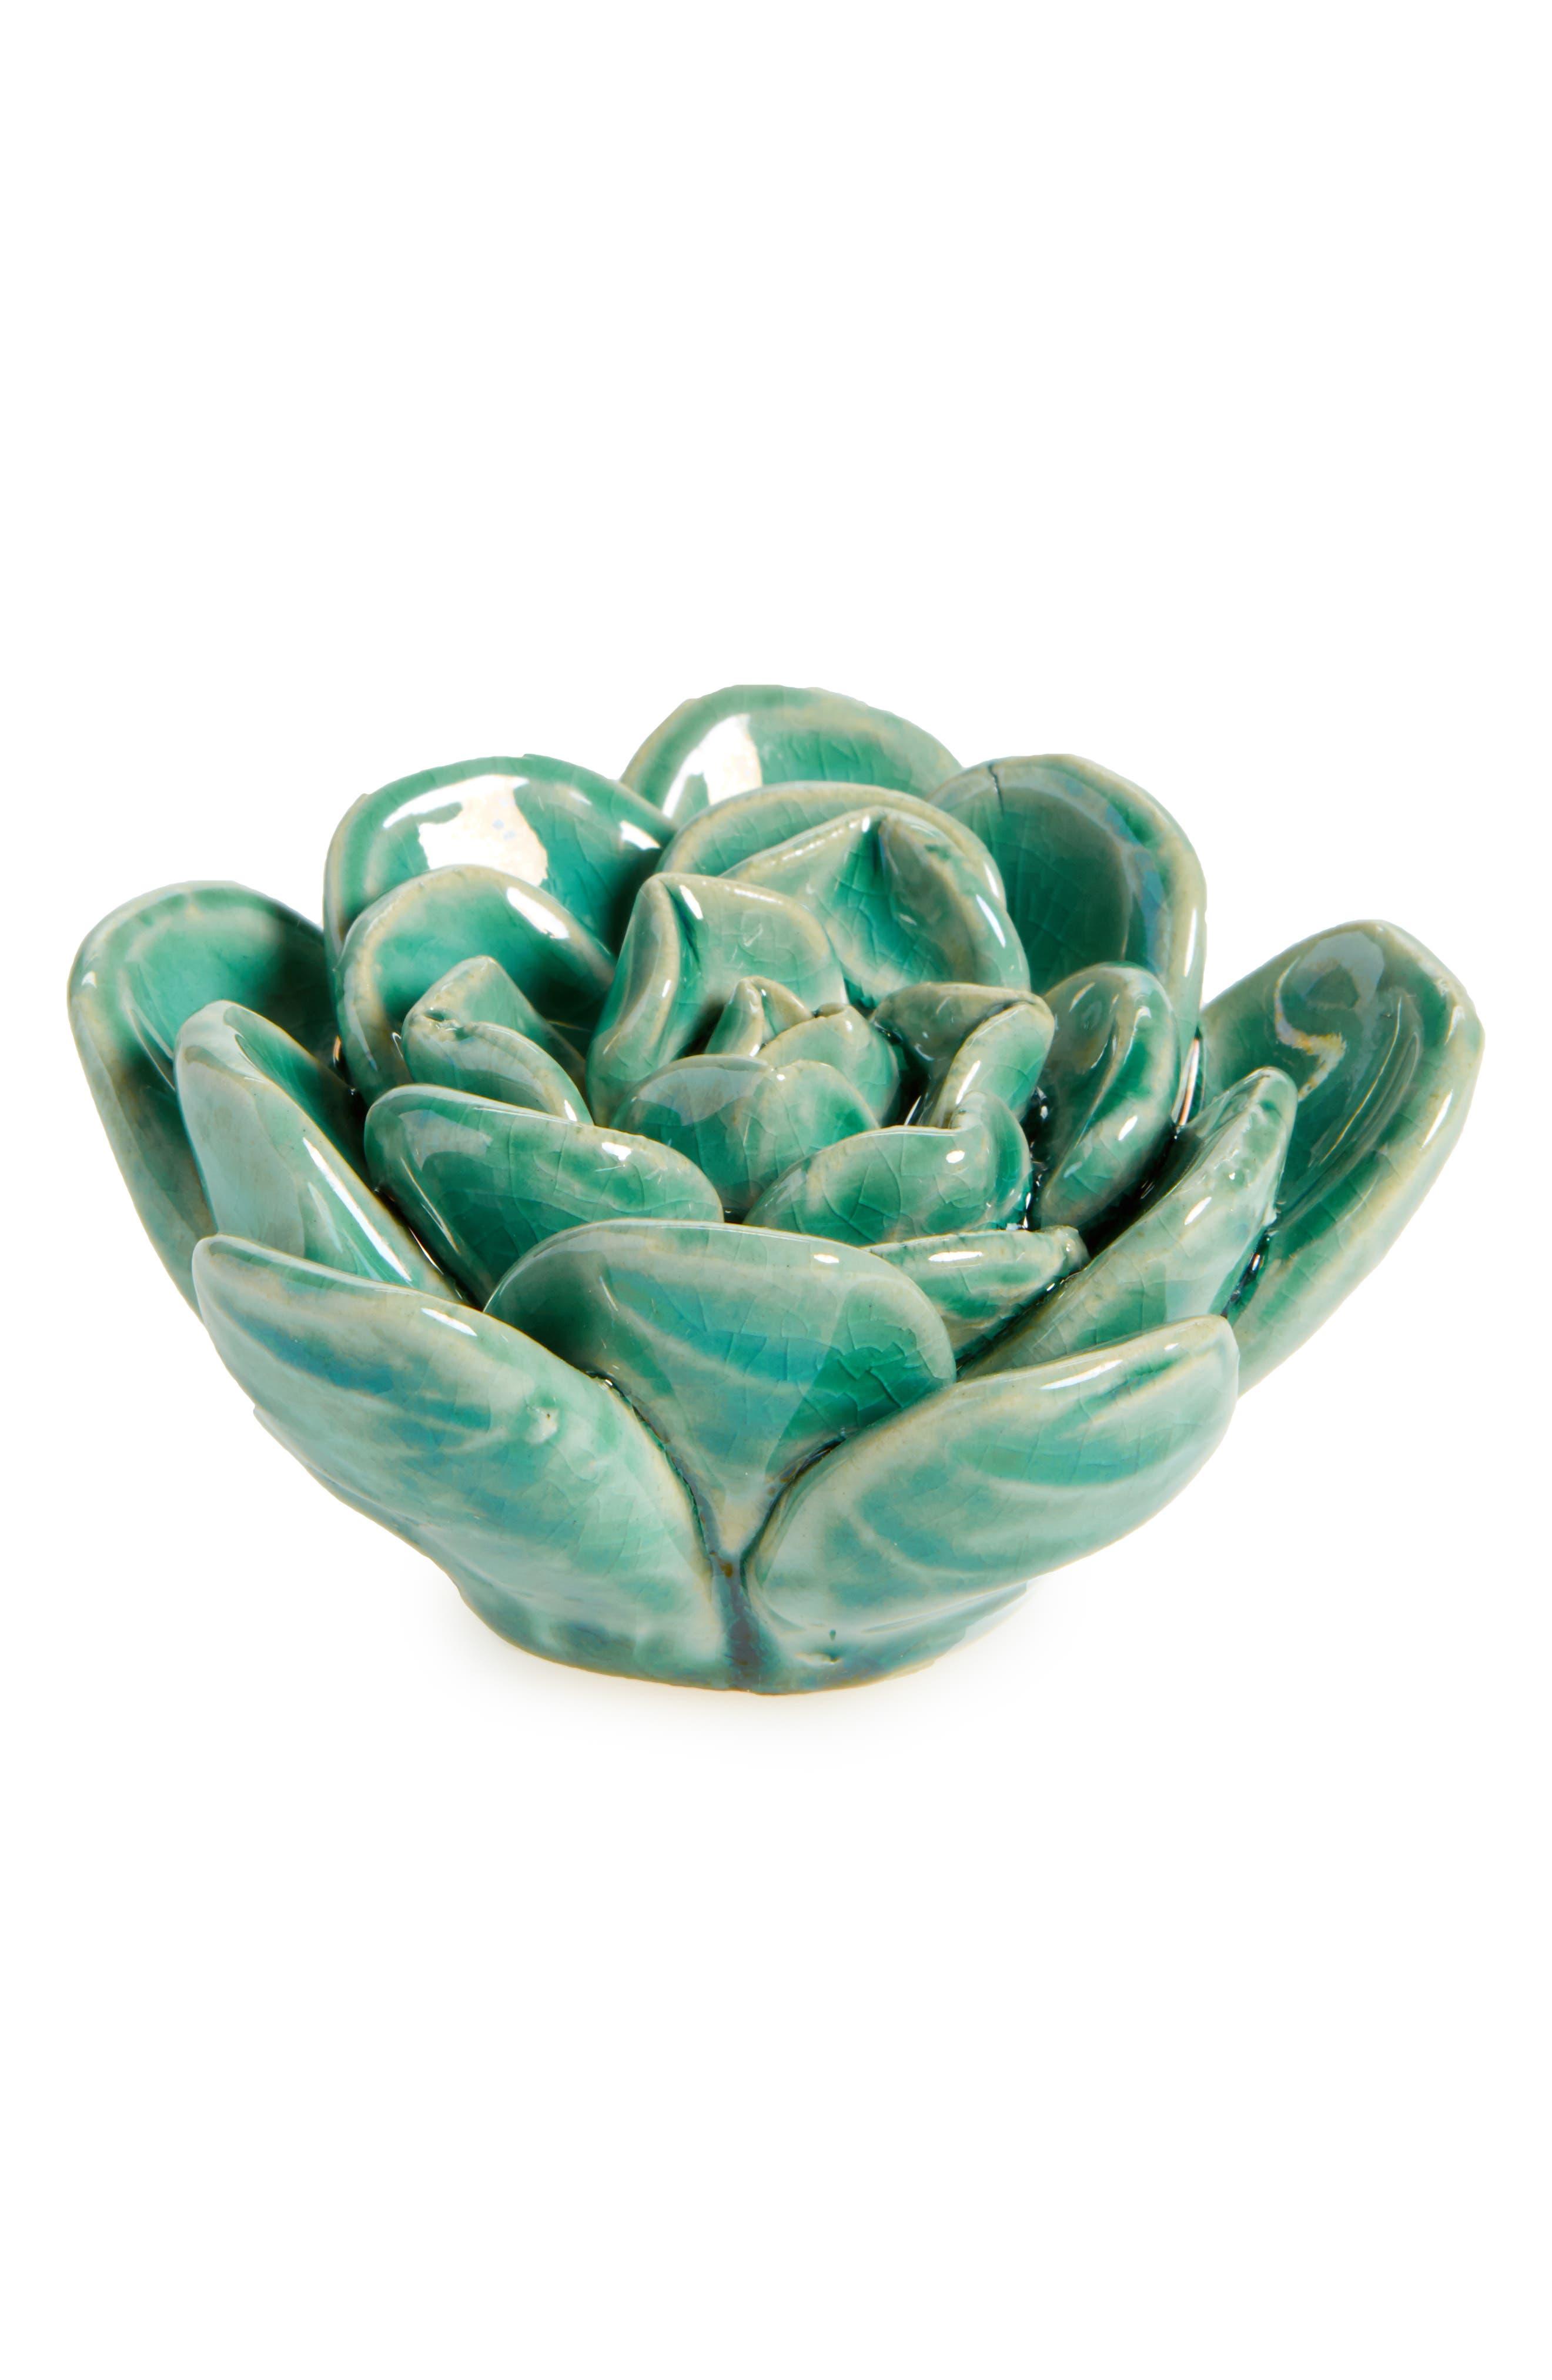 Main Image - HomArt Ceramic Succulent